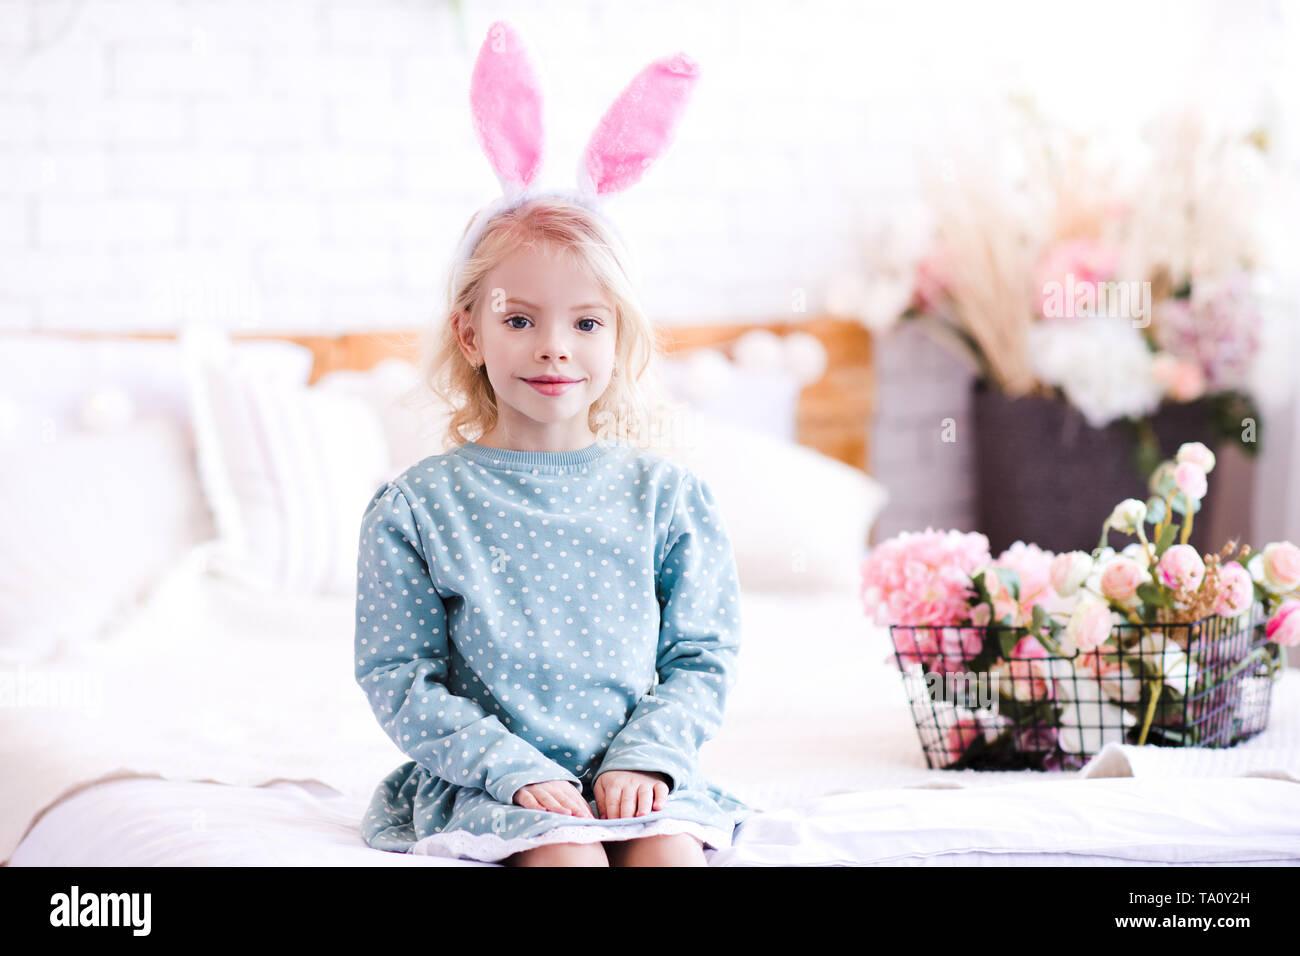 Lindo bebé niña 4-5 años vistiendo elegante vestido y orejas de conejo con diadema de flores en el fondo. Mirando a la cámara. El tiempo de primavera. Foto de stock